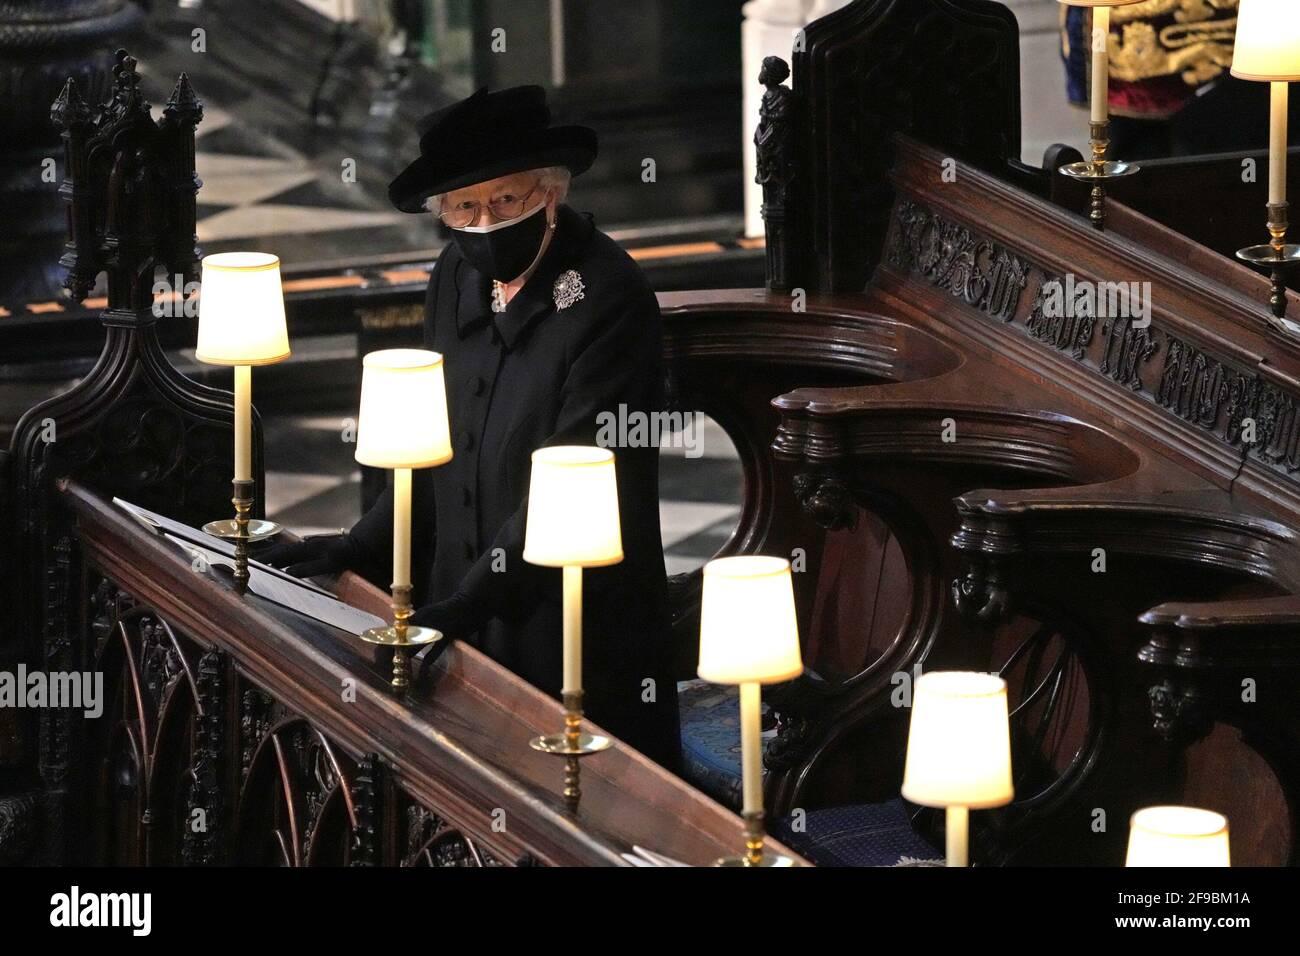 La reine Elizabeth II pendant les funérailles du duc d'Édimbourg à la chapelle Saint-Georges, château de Windsor, Berkshire. Date de la photo: Samedi 17 avril 2021. Banque D'Images